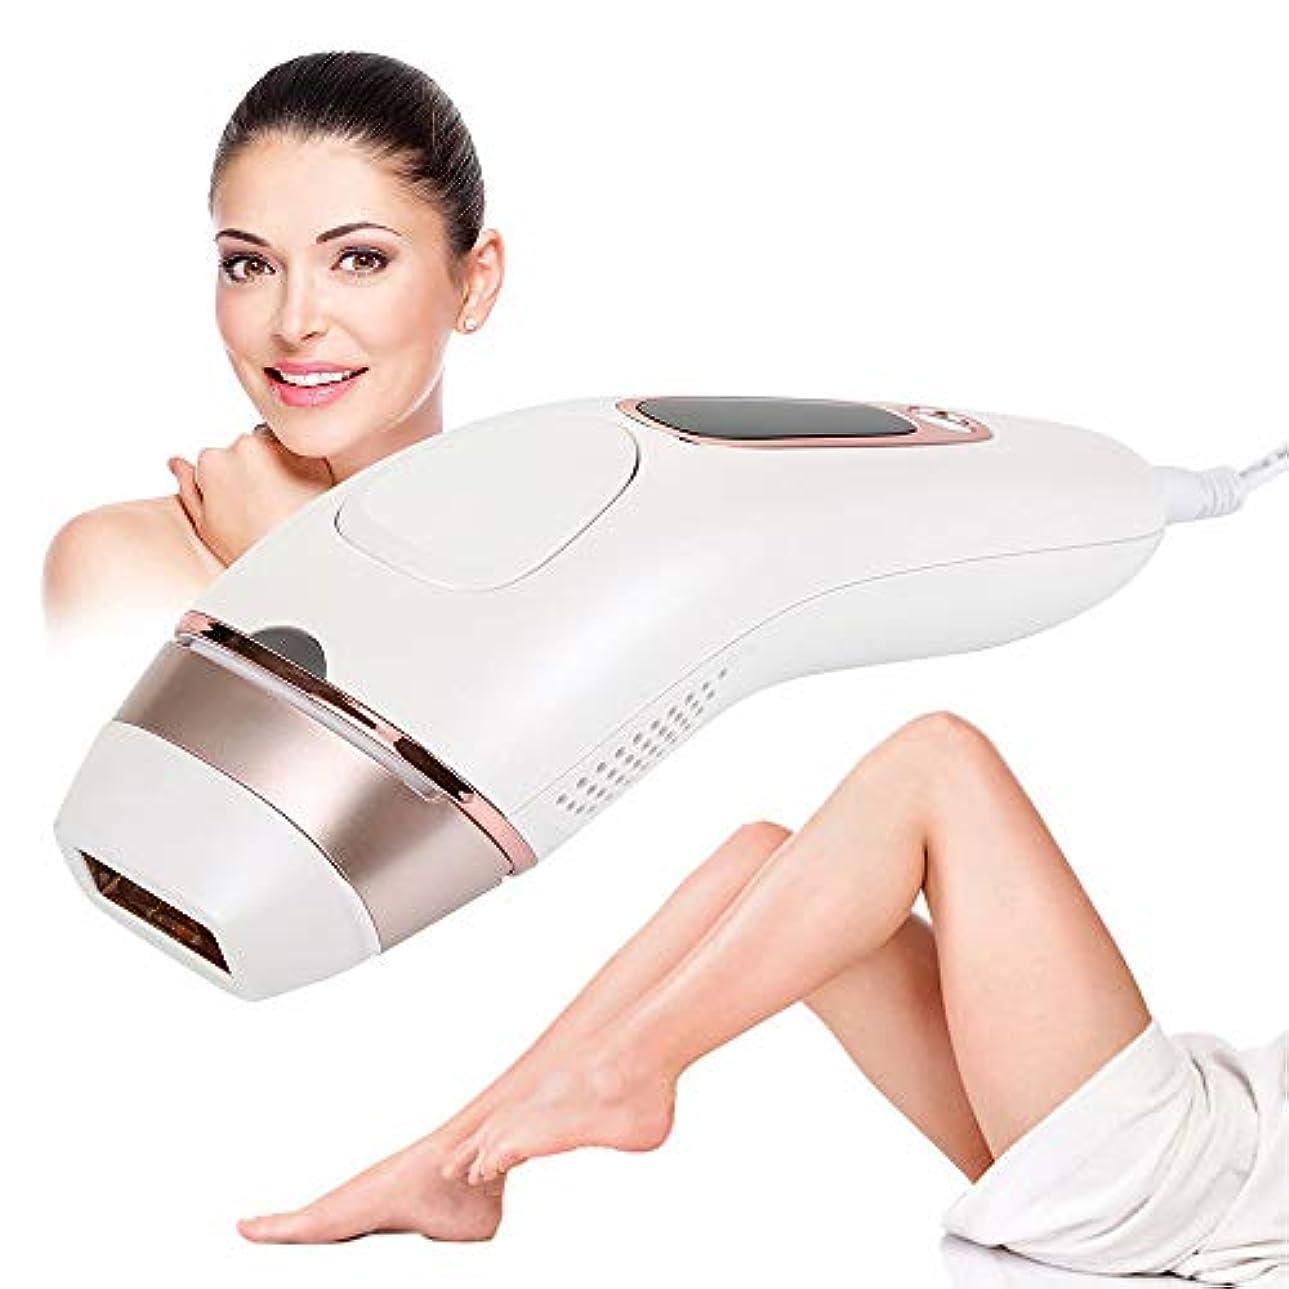 トレース委託可動式安全で痛みのないミニ脱毛装置 - 女性男性用IPL脱毛装置、顔、脇の下、ビキニライン用の永久脱毛機用300,000フラッシュ